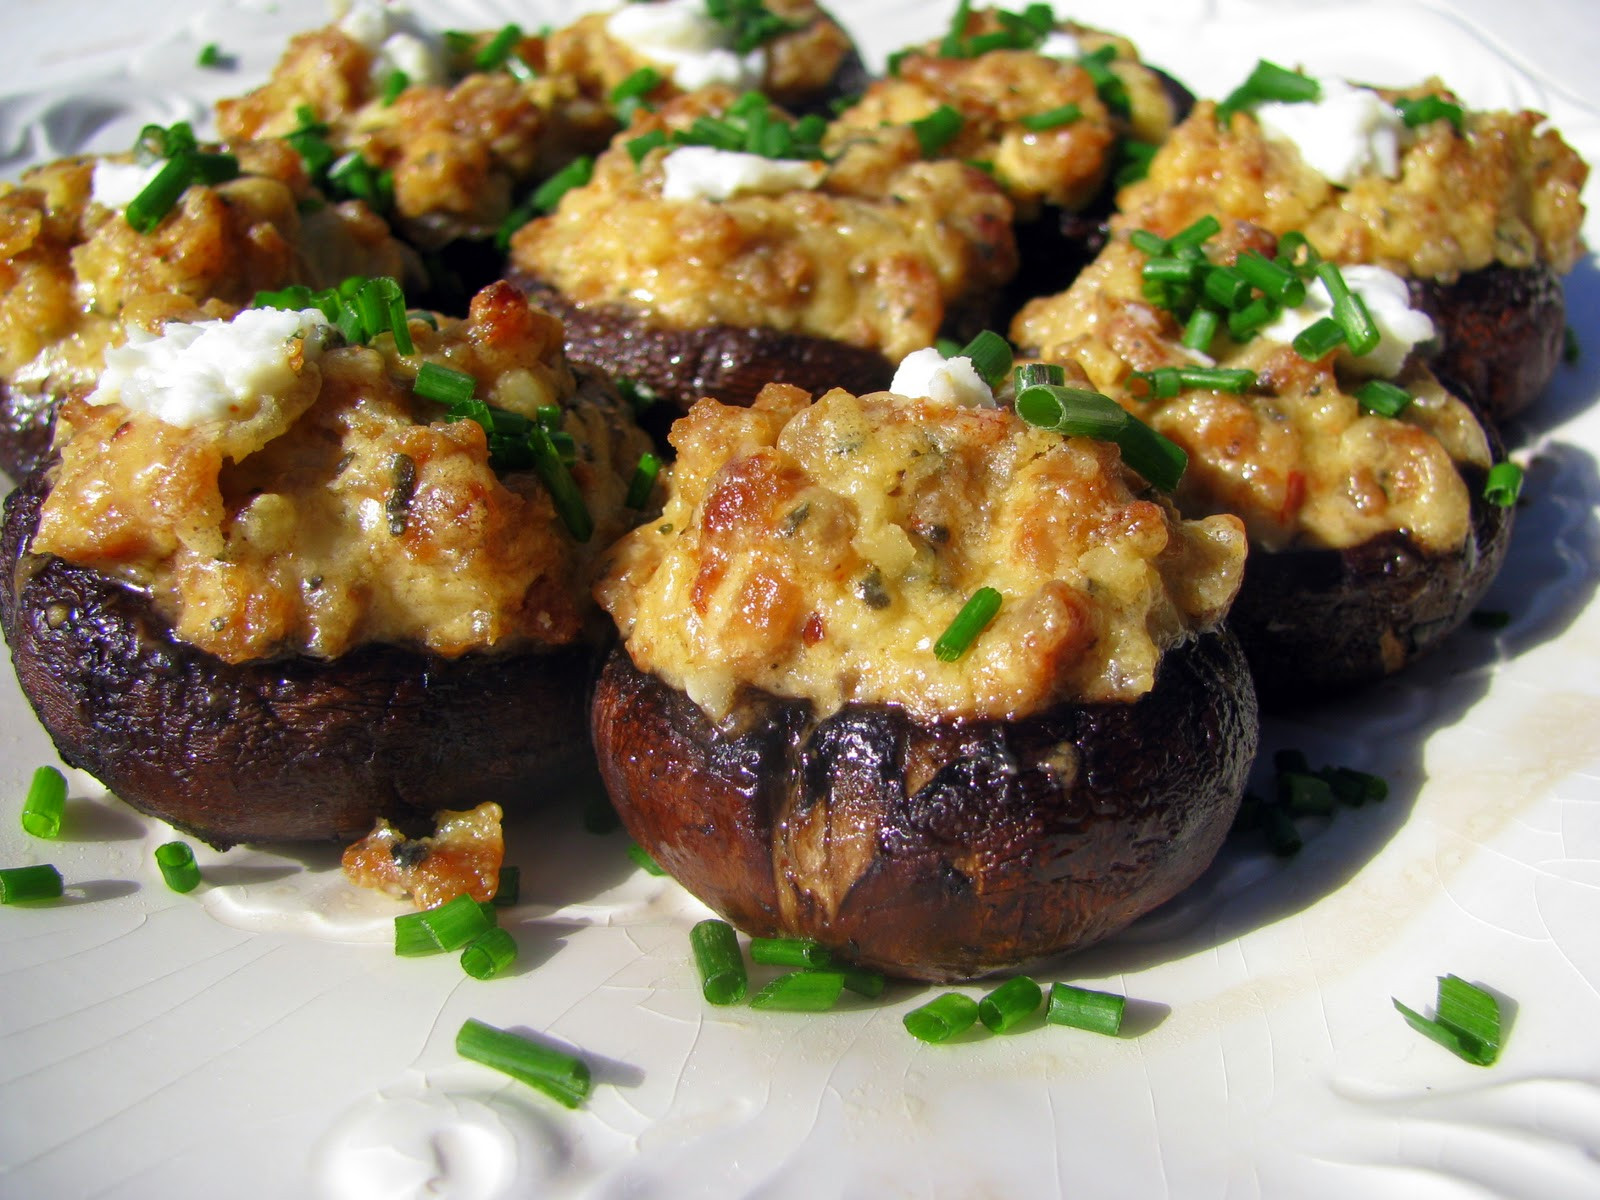 Recipe For Stuffed Mushrooms  Stuffed Mushrooms Cooking Italian Recipes Family